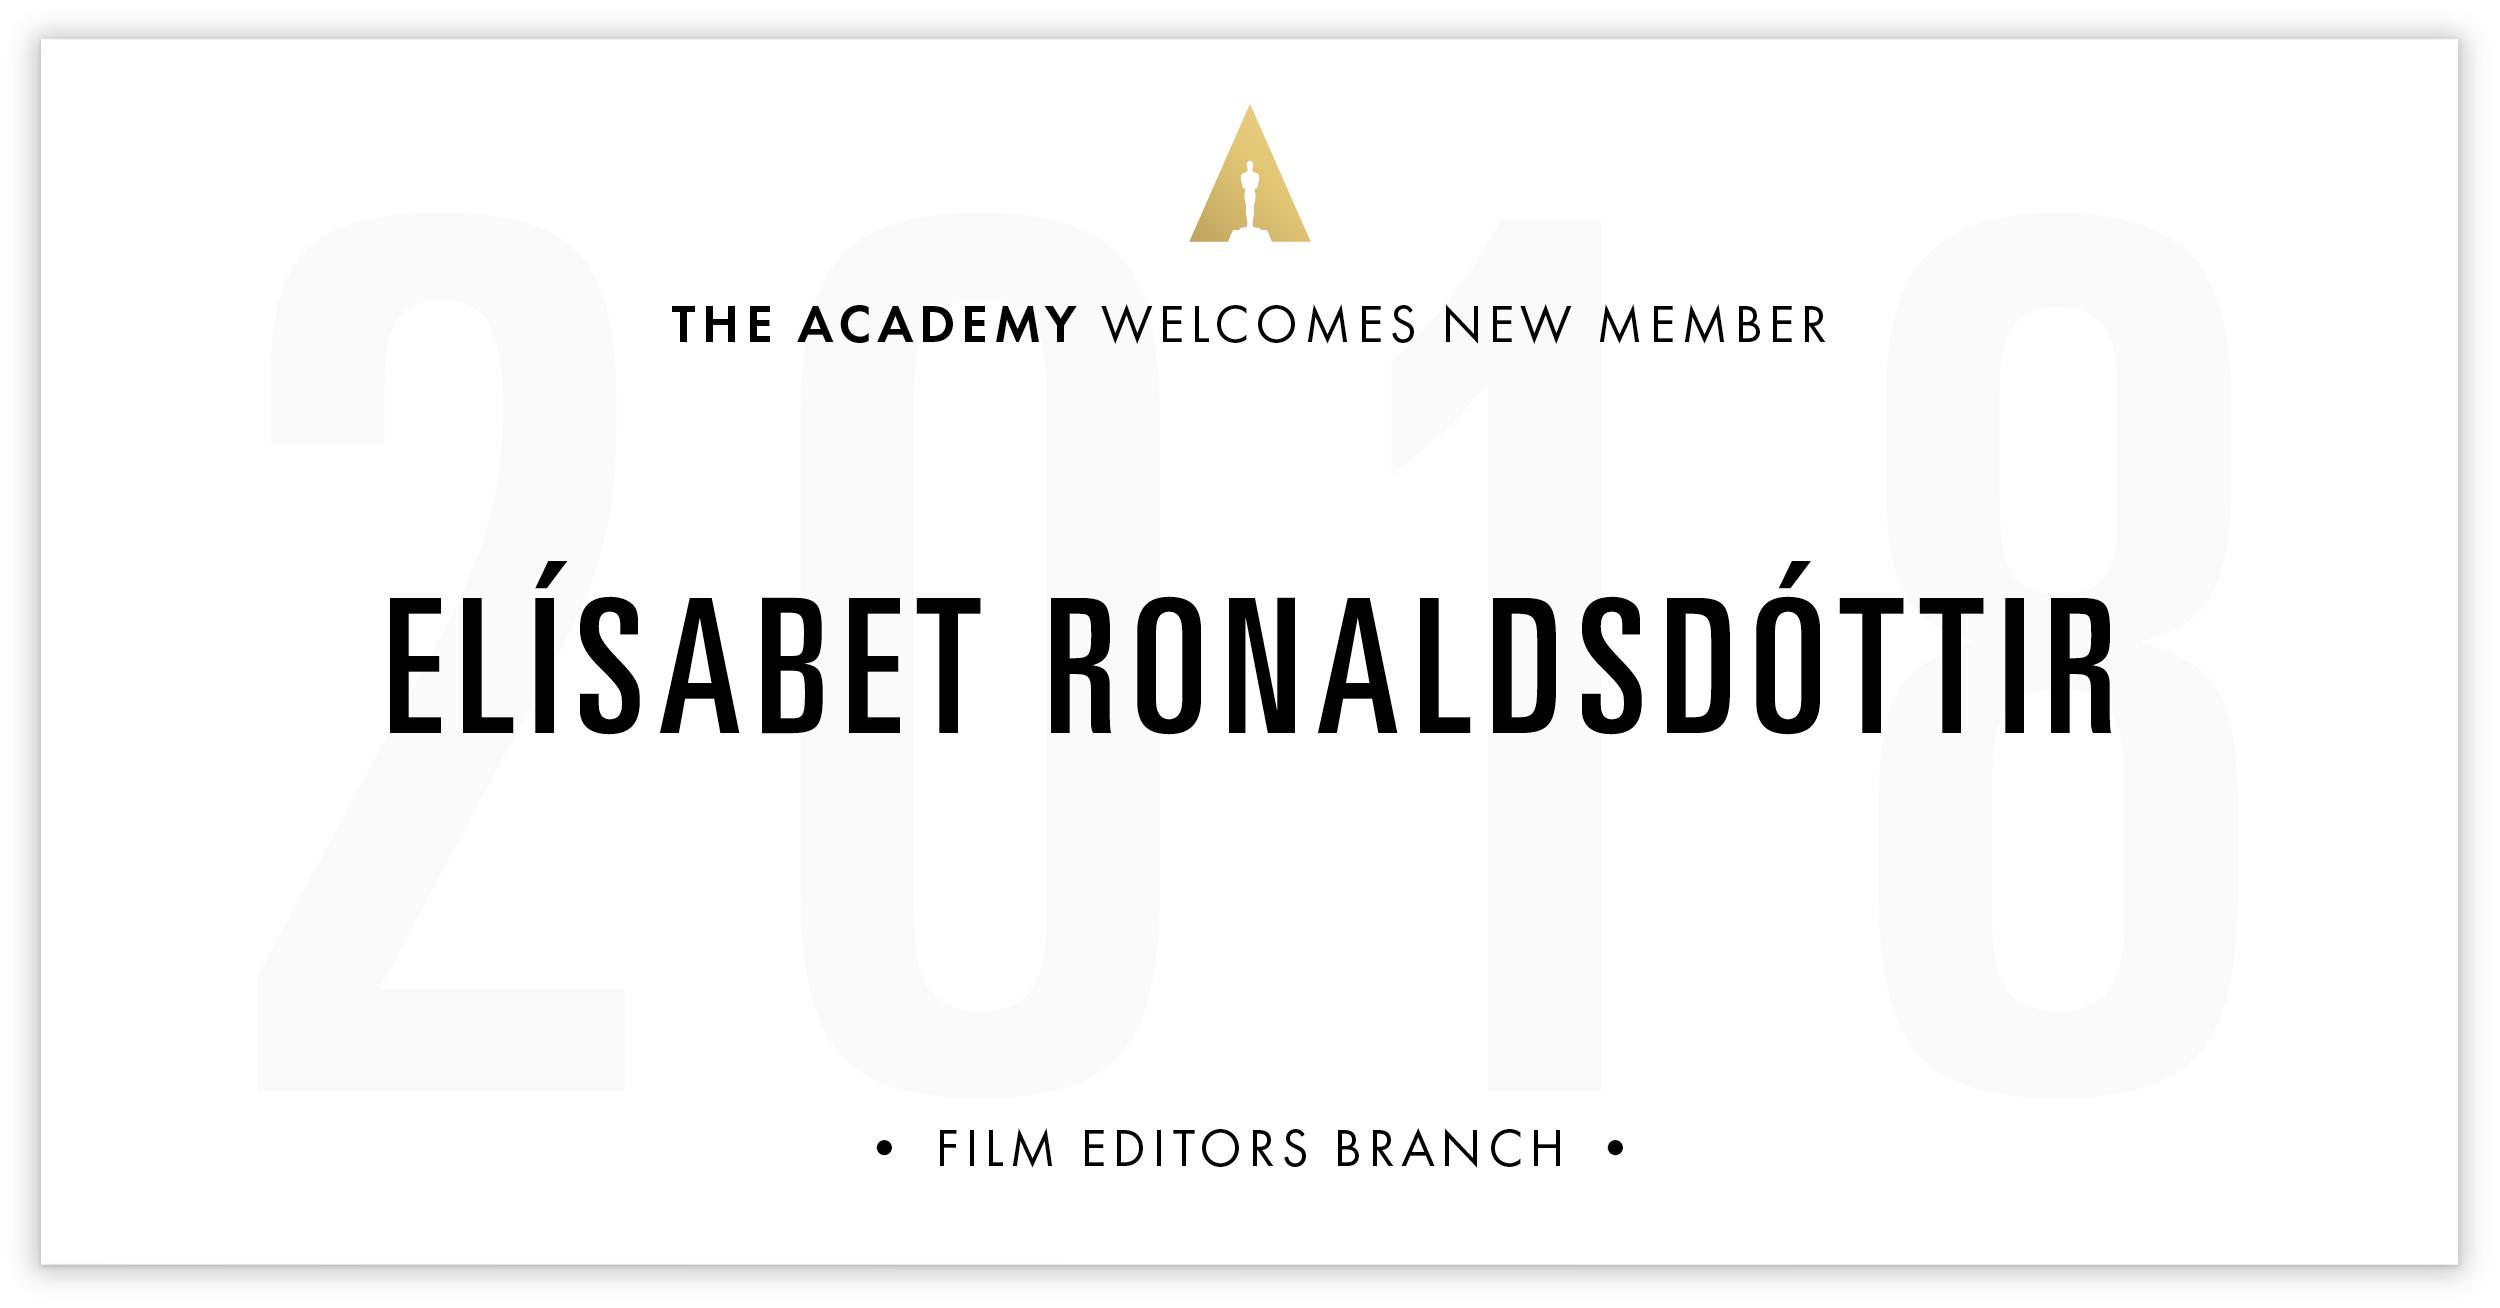 Elísabet Ronaldsdóttir is invited!